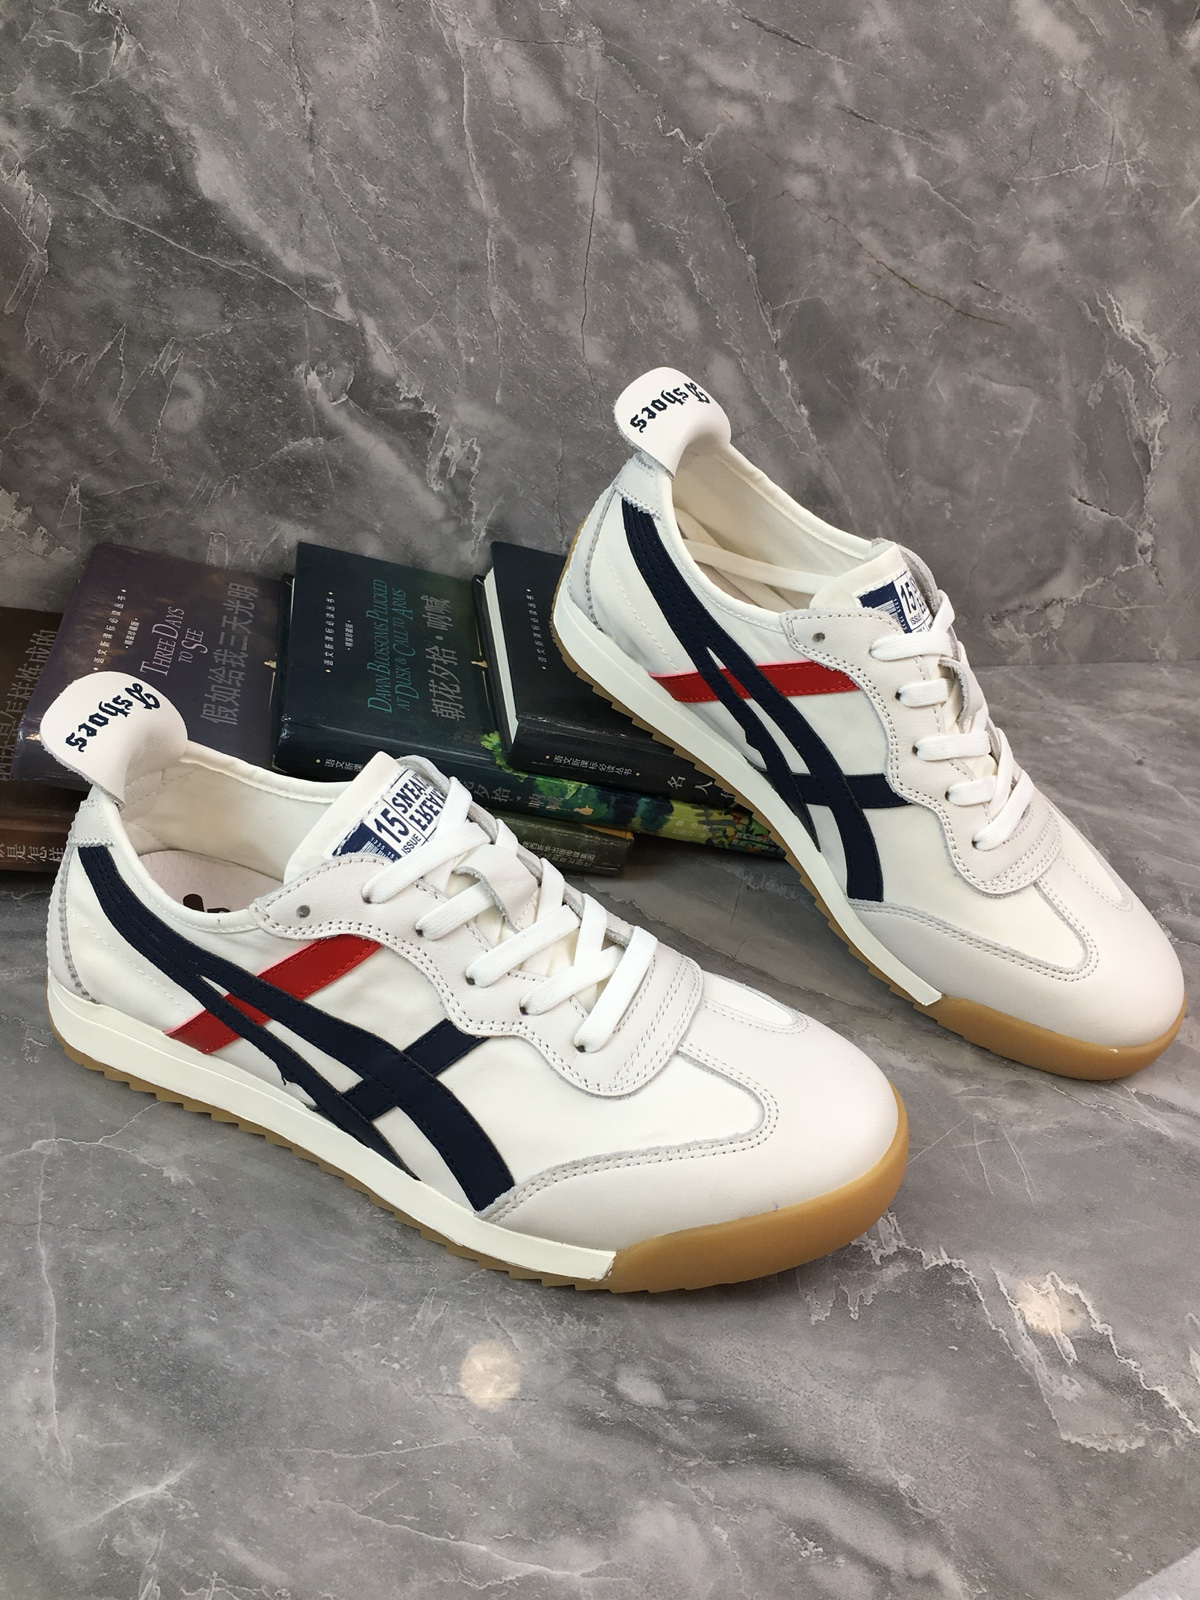 【西亚图】20年新款休闲鞋运动鞋百搭鞋潮鞋小白鞋男鞋真皮鞋